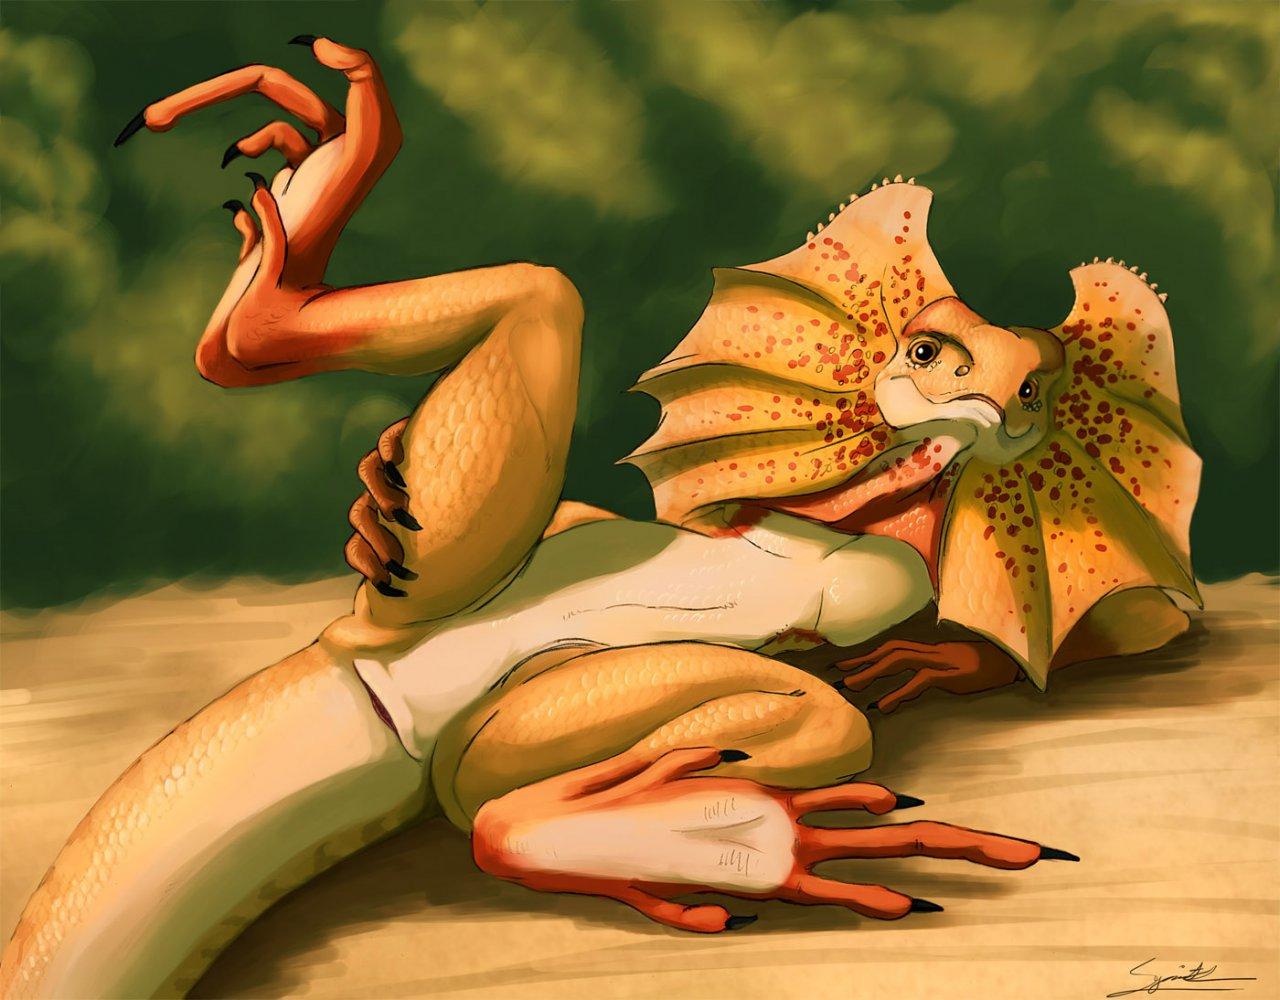 Фурри ящерицы йифф 19 фотография